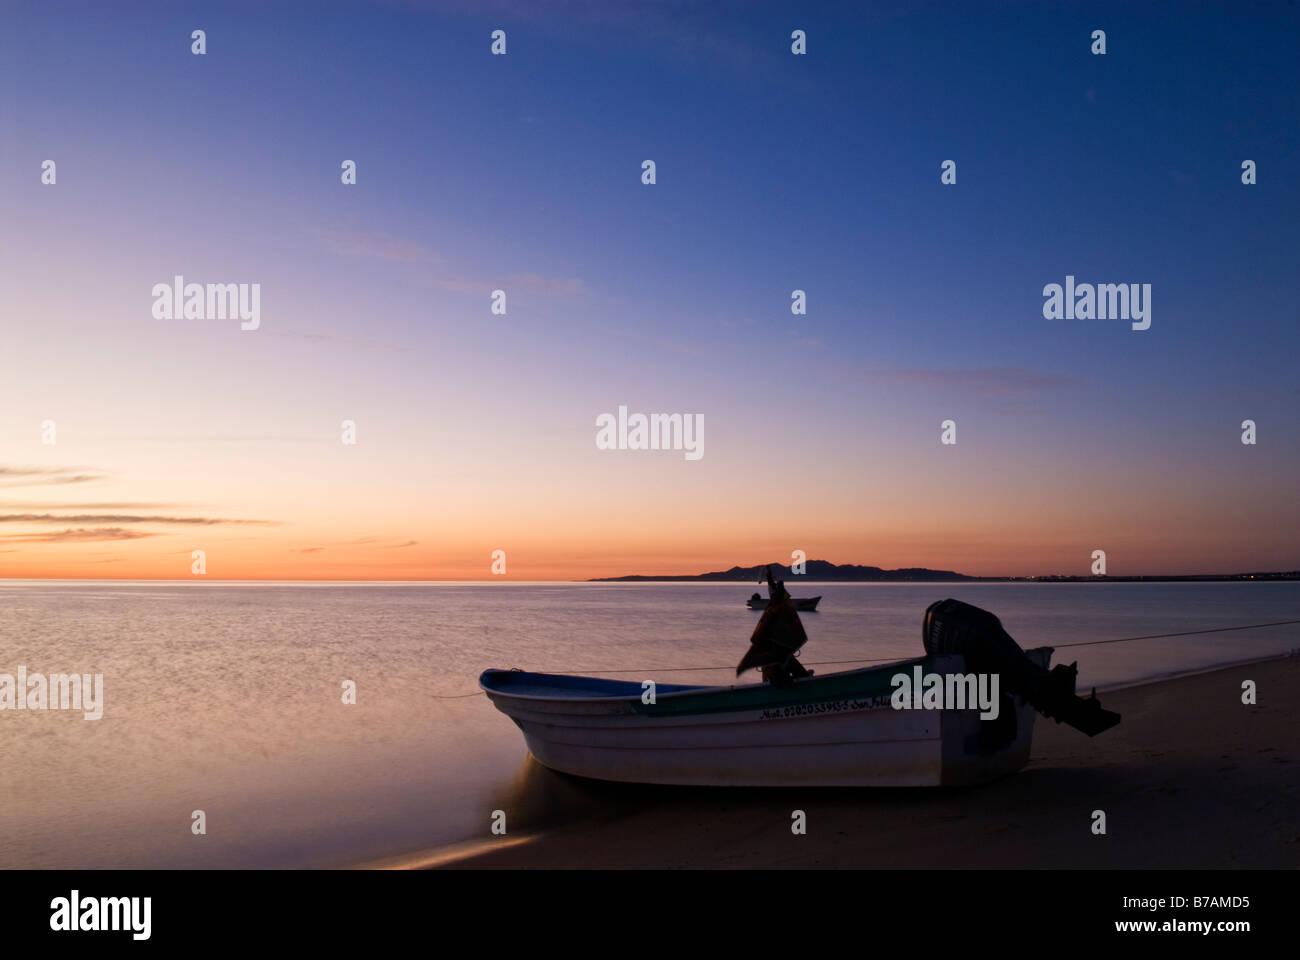 Barco de pesca se sitúa en la costa del Mar de Cortez, en la madrugada de San Felipe, Baja California, México Foto de stock